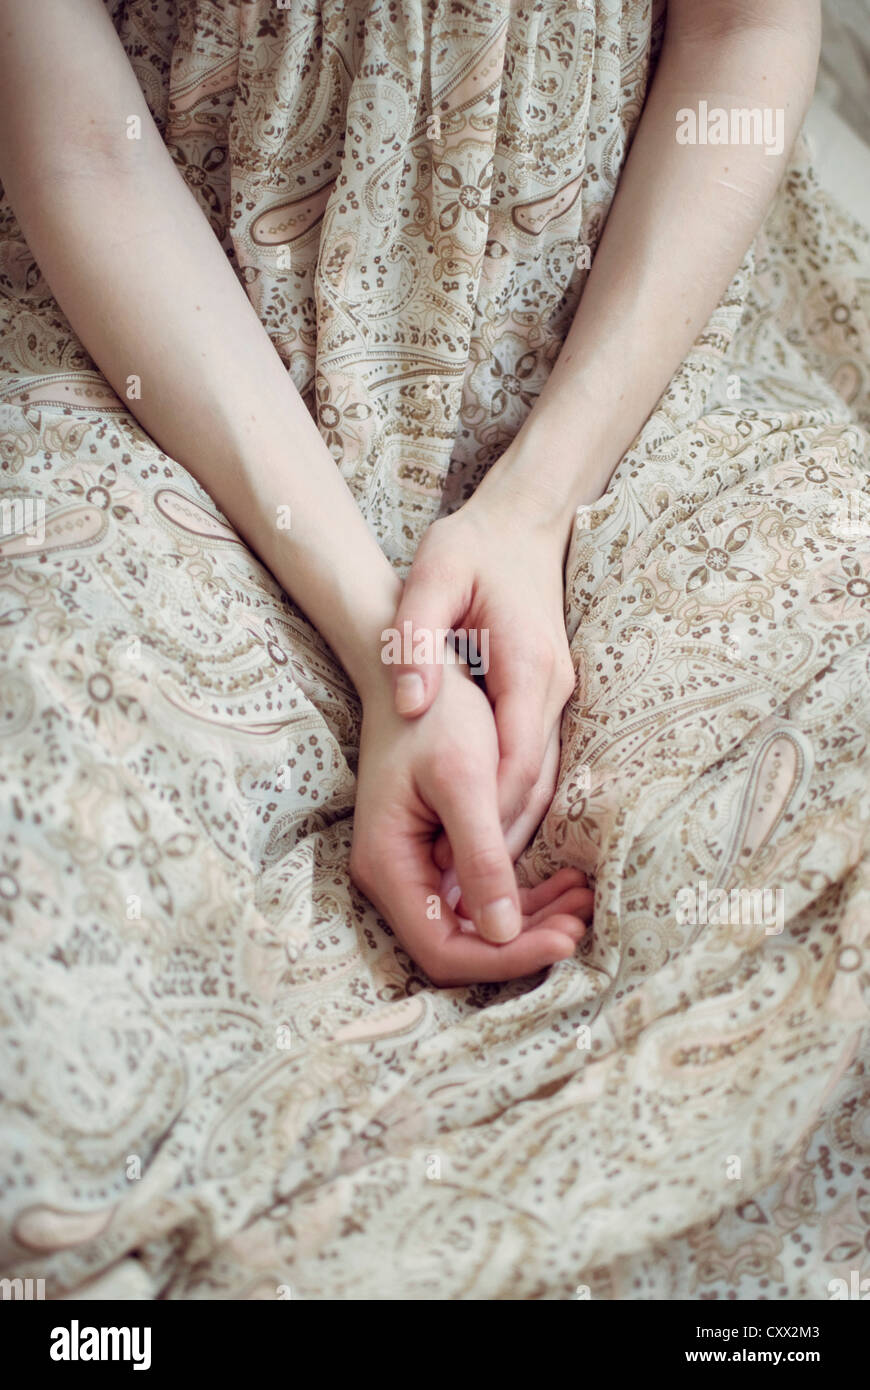 La photo en gros plan des mains sur les genoux d'une jeune fille portant une robe d'été légère Photo Stock